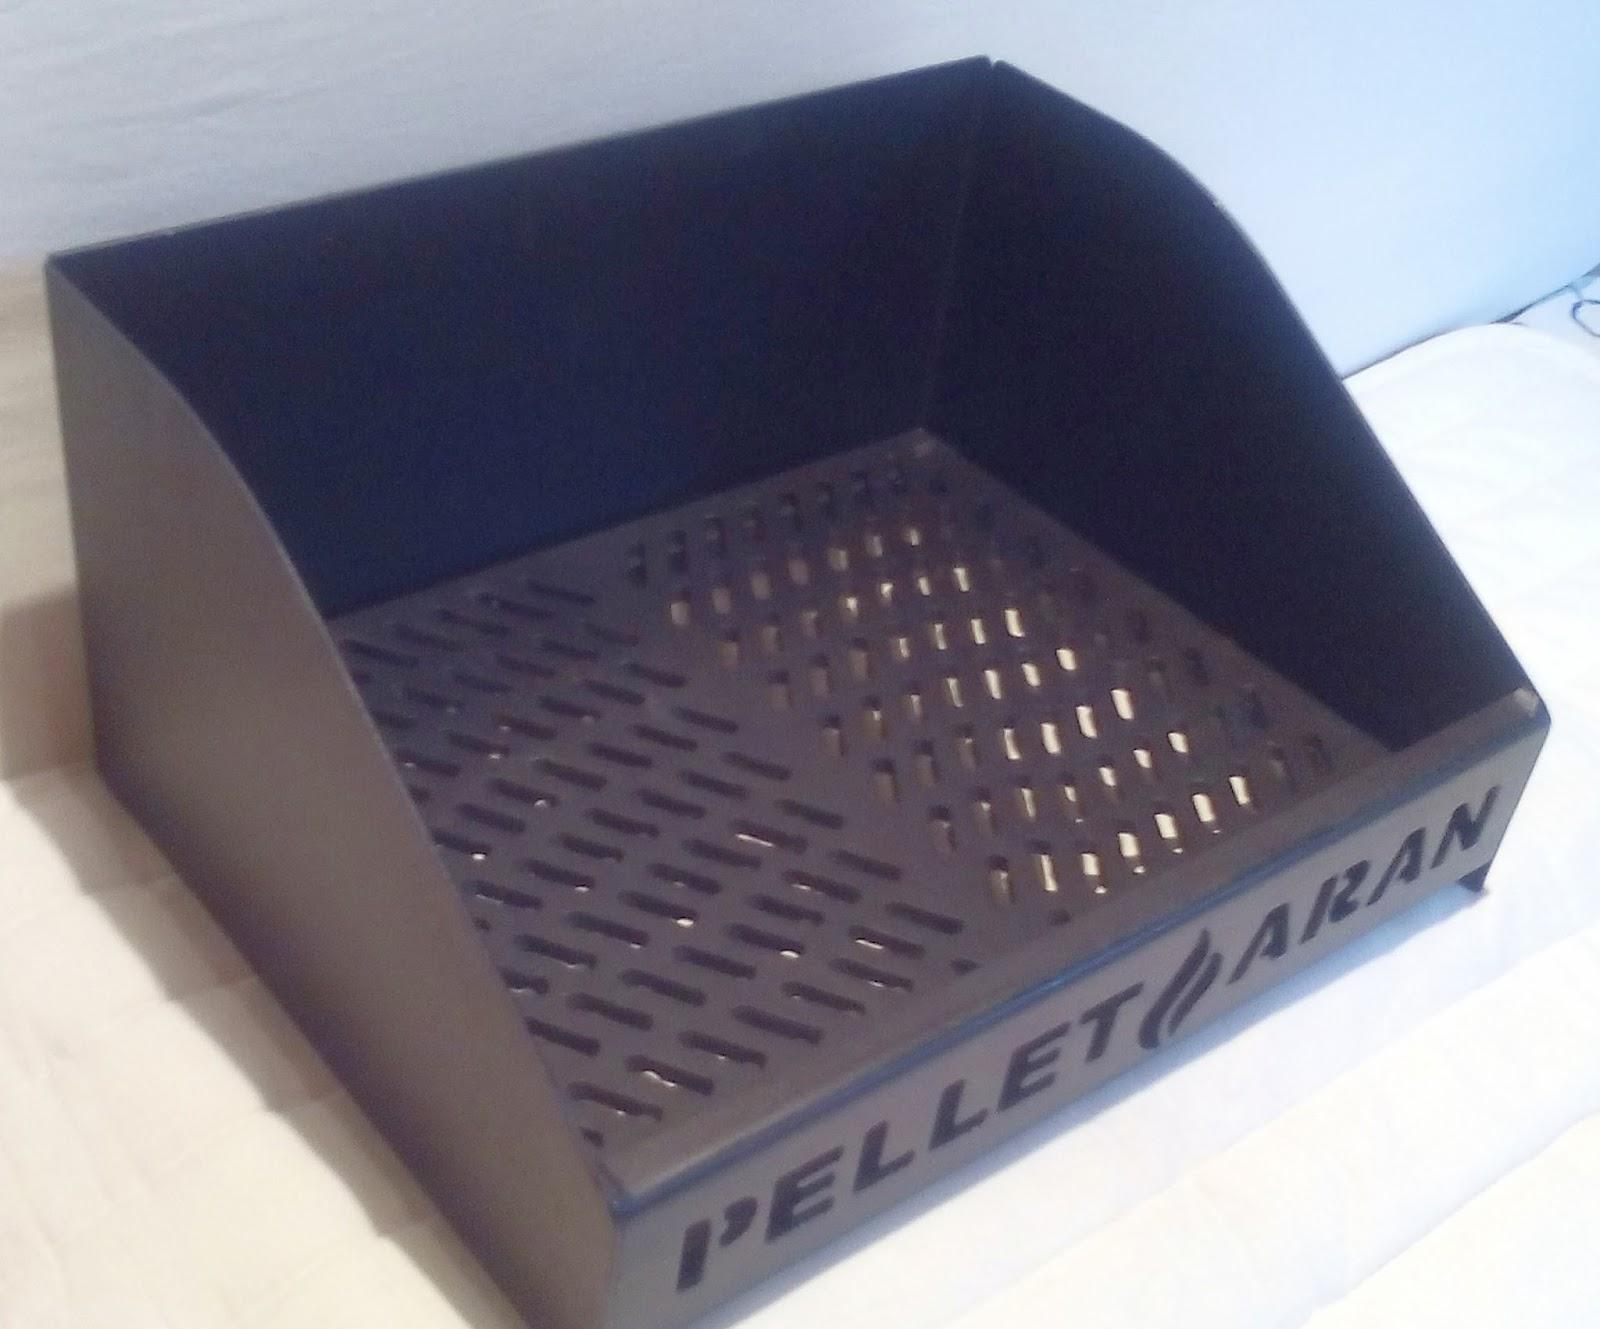 pelletaran: BURNING PELLETS IN A WOOD FIREPLACE